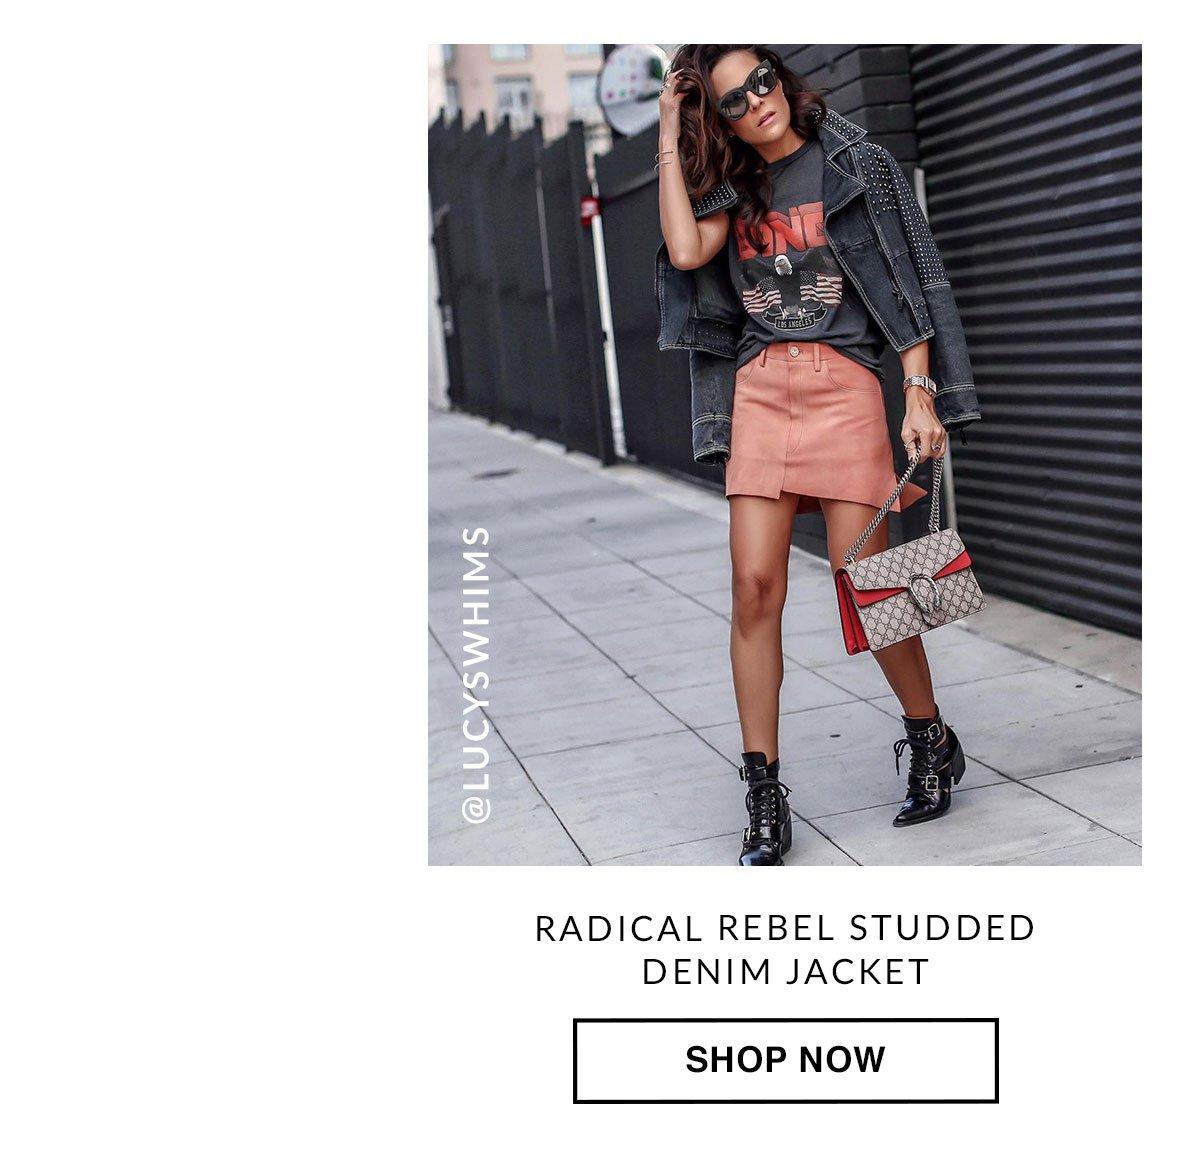 Radical Rebel Studded Denim Jacket. Shop Now.